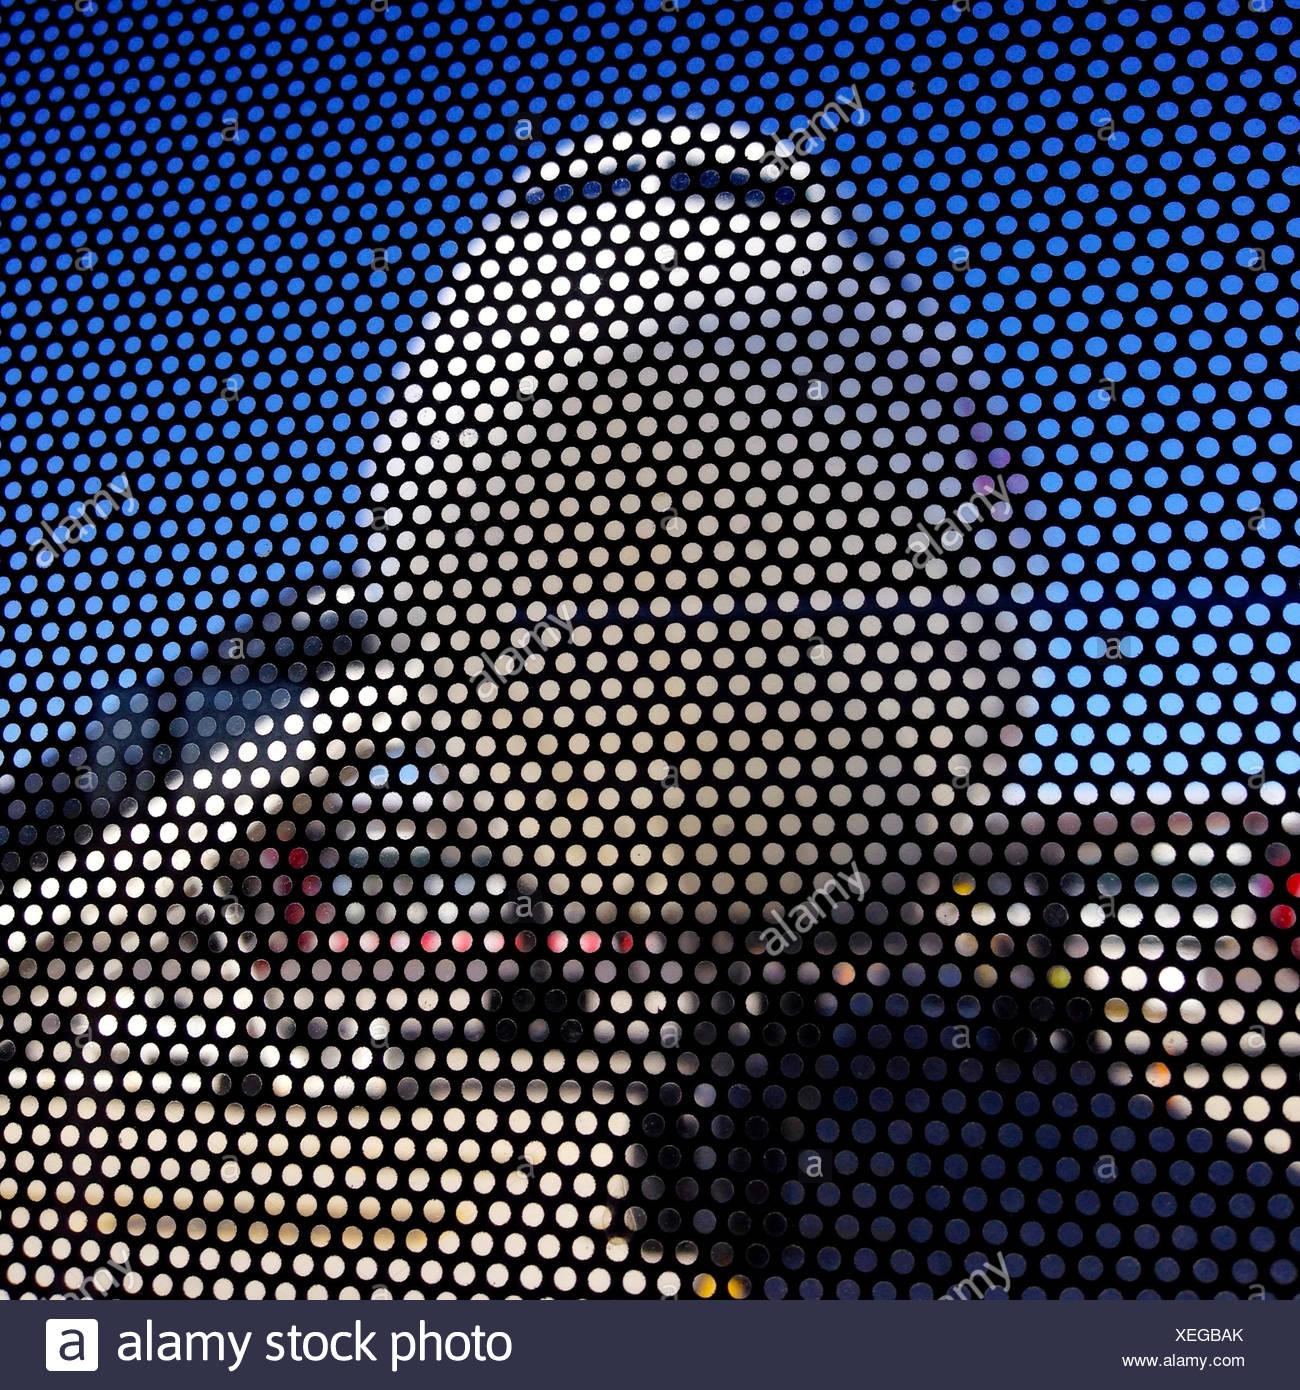 Plane viewed through metal mesh wall - Stock Image